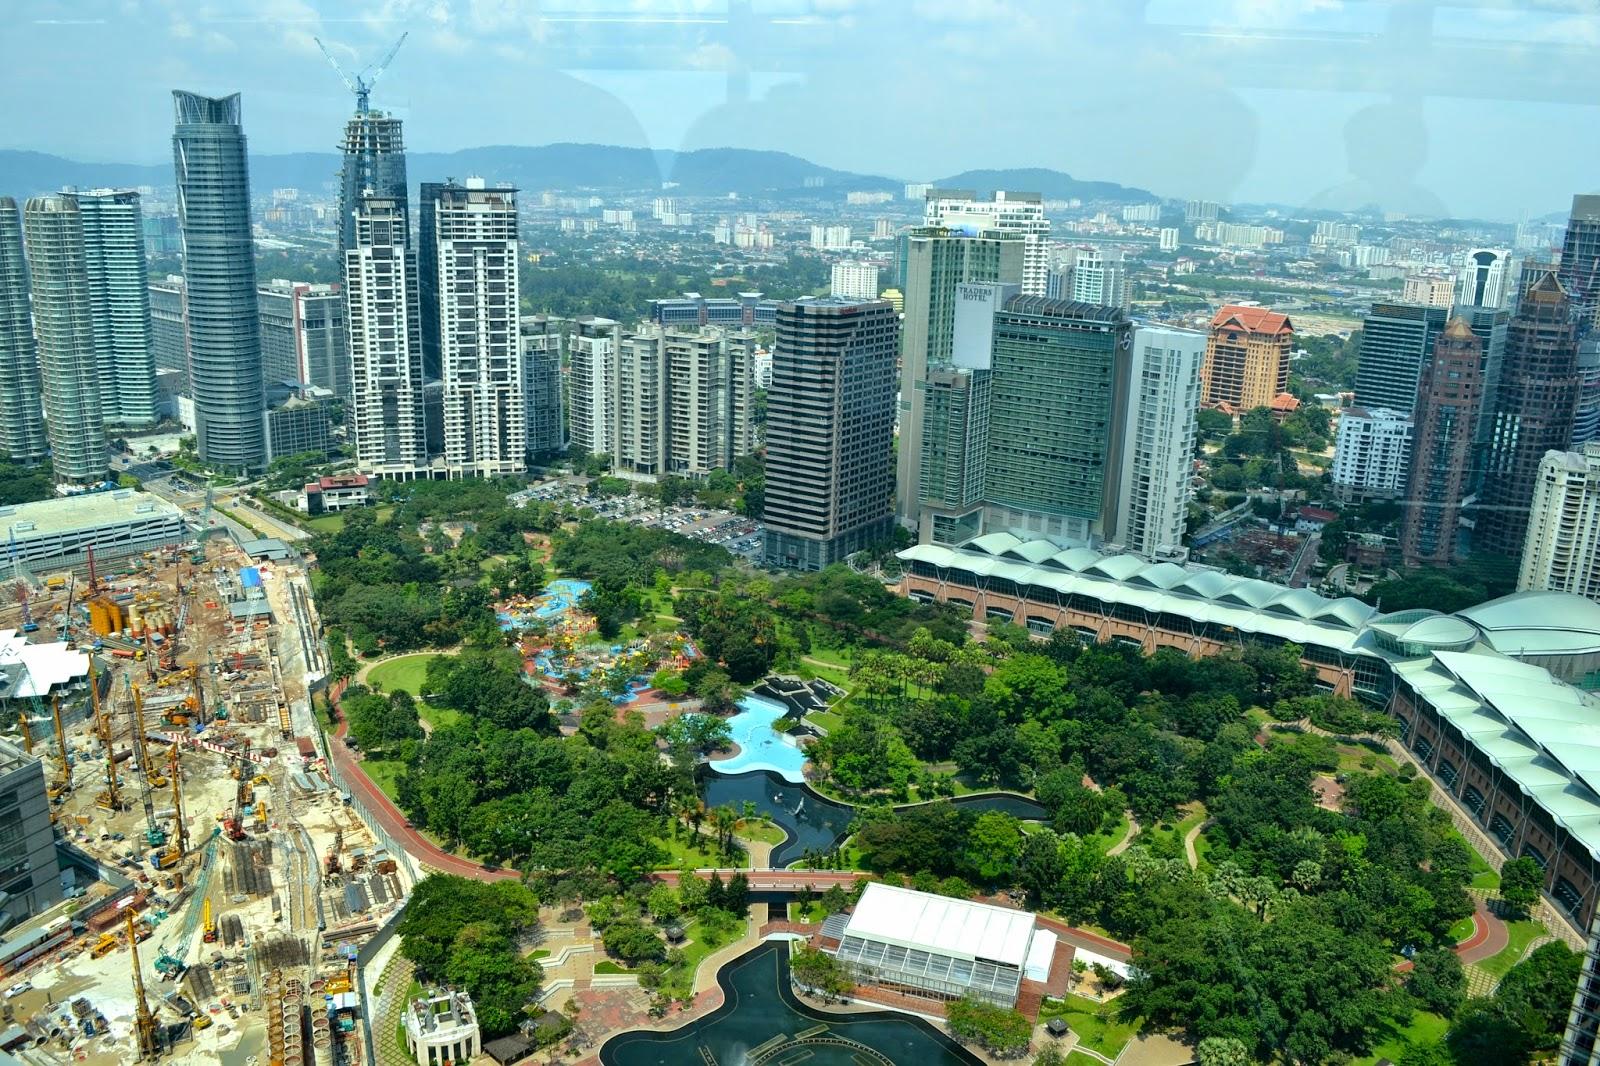 Vista del KLCC desde las Petronas